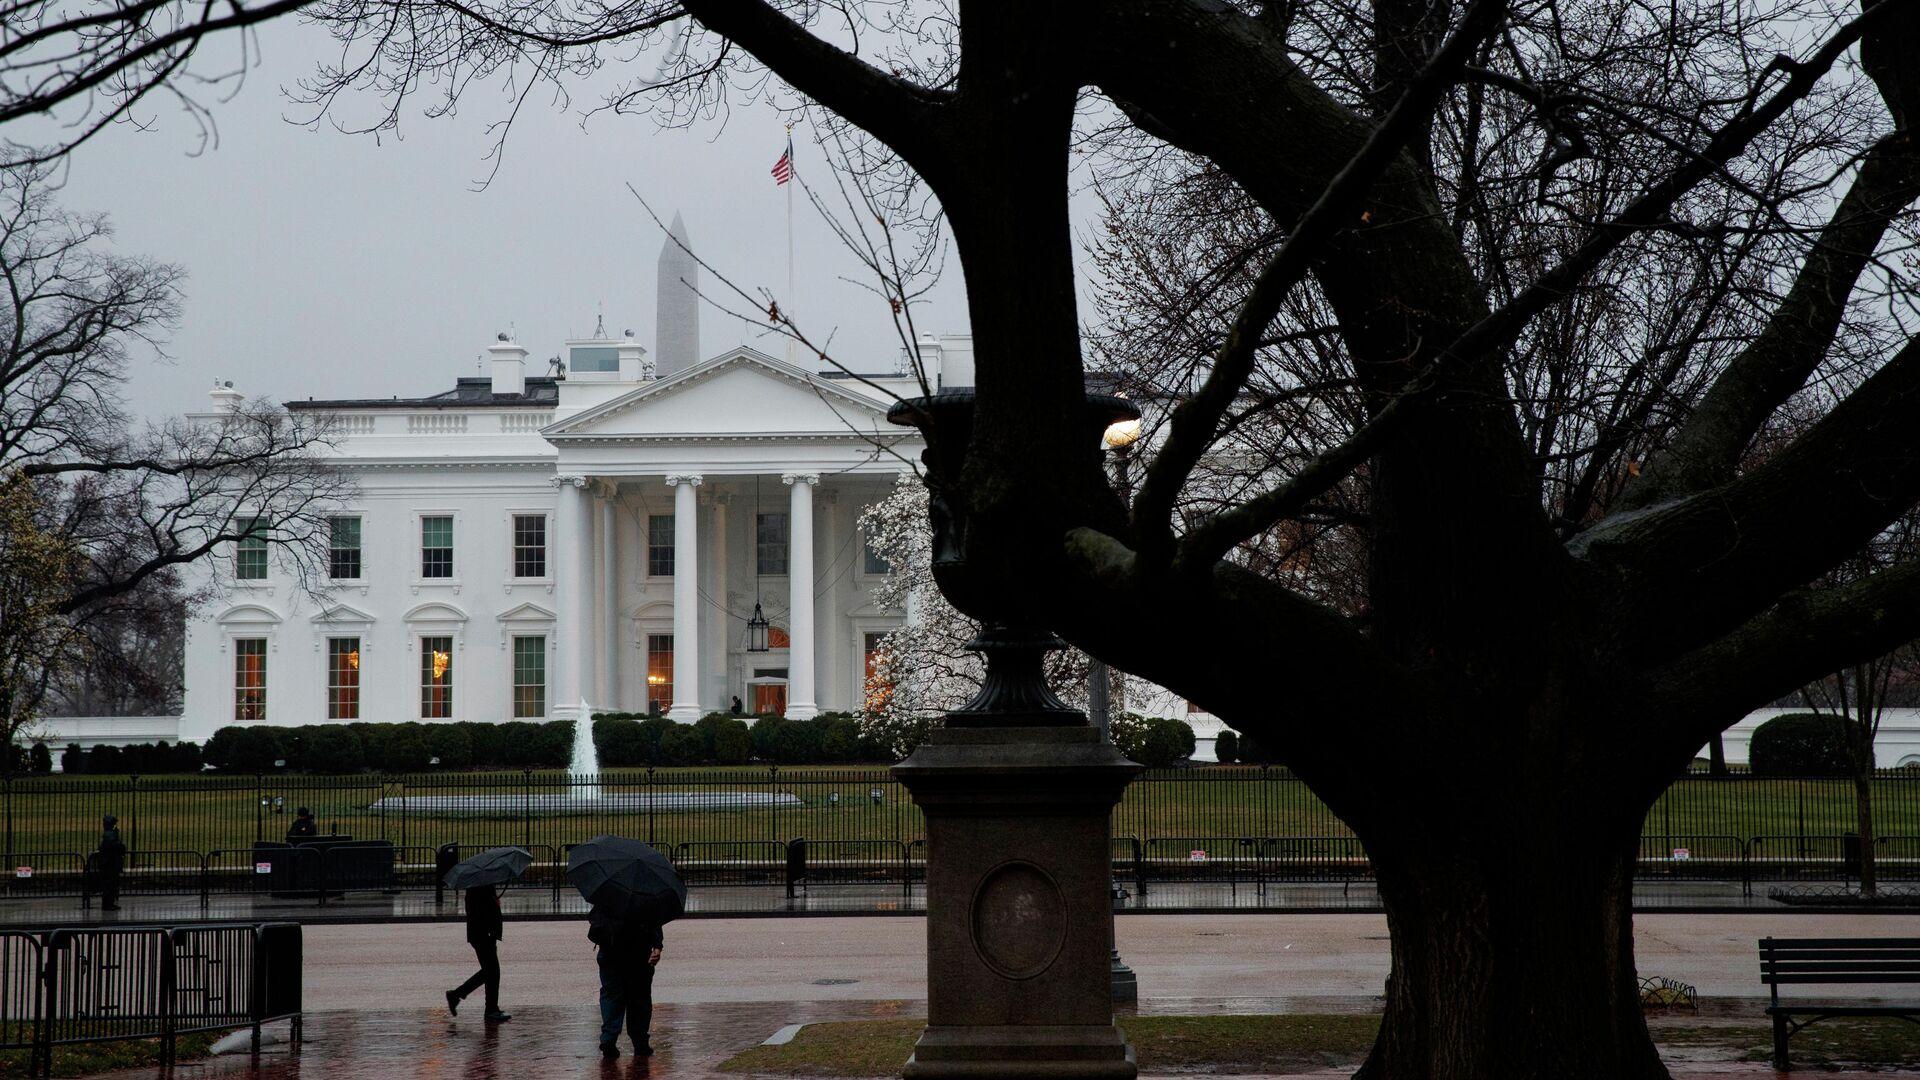 Здание Белого дома в Вашингтоне, США - РИА Новости, 1920, 14.06.2021